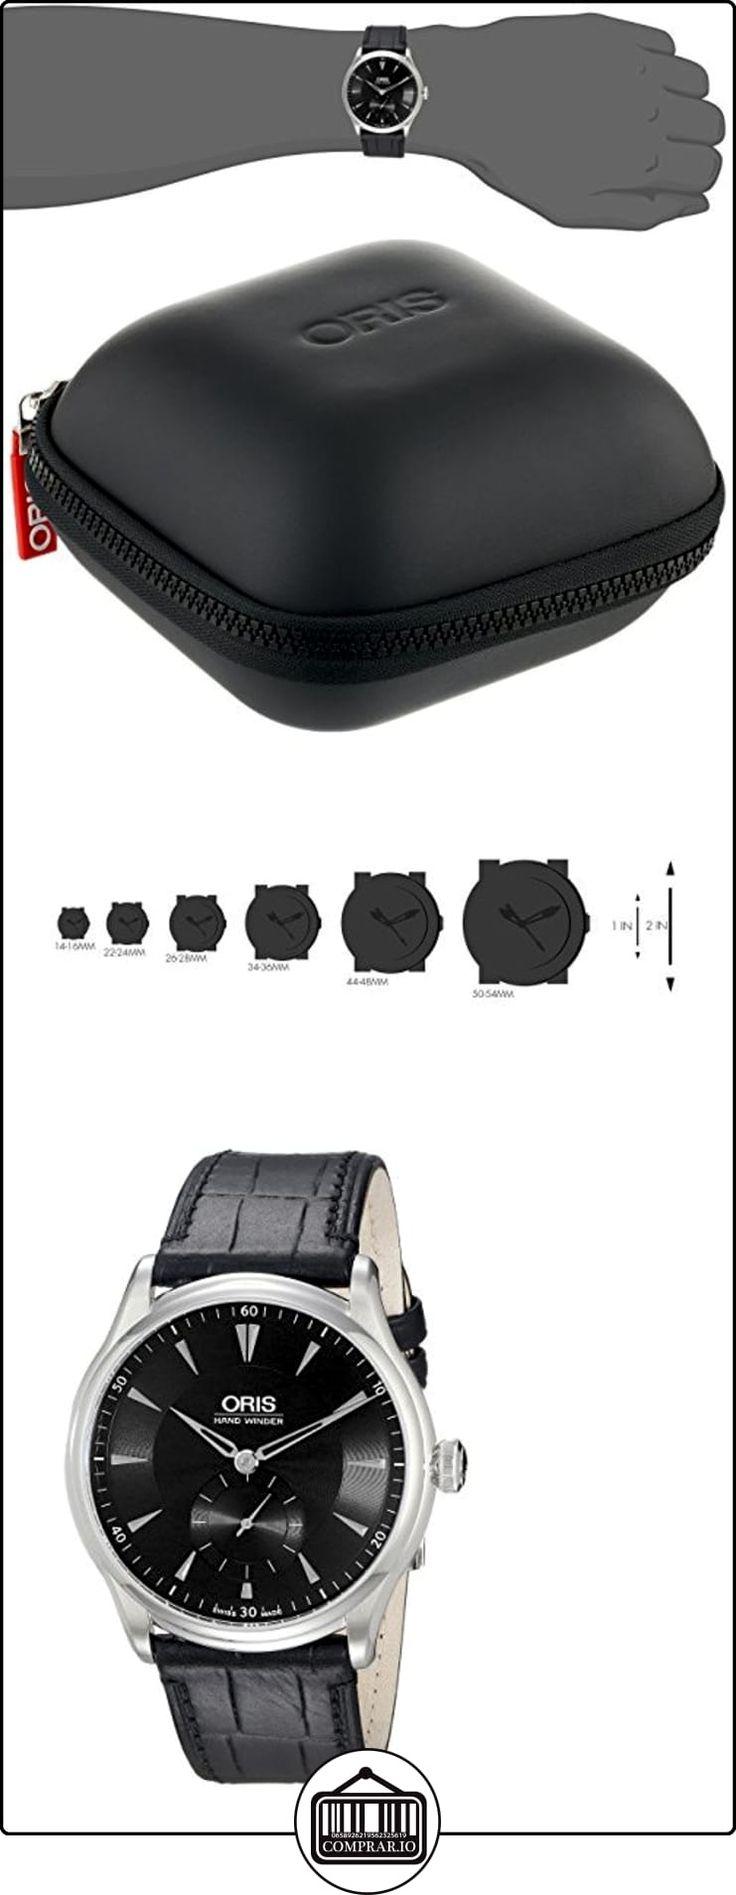 Es automático de las mujeres de color negro con textura con esfera de color negro de cuero genuino  ✿ Relojes para mujer - (Lujo) ✿